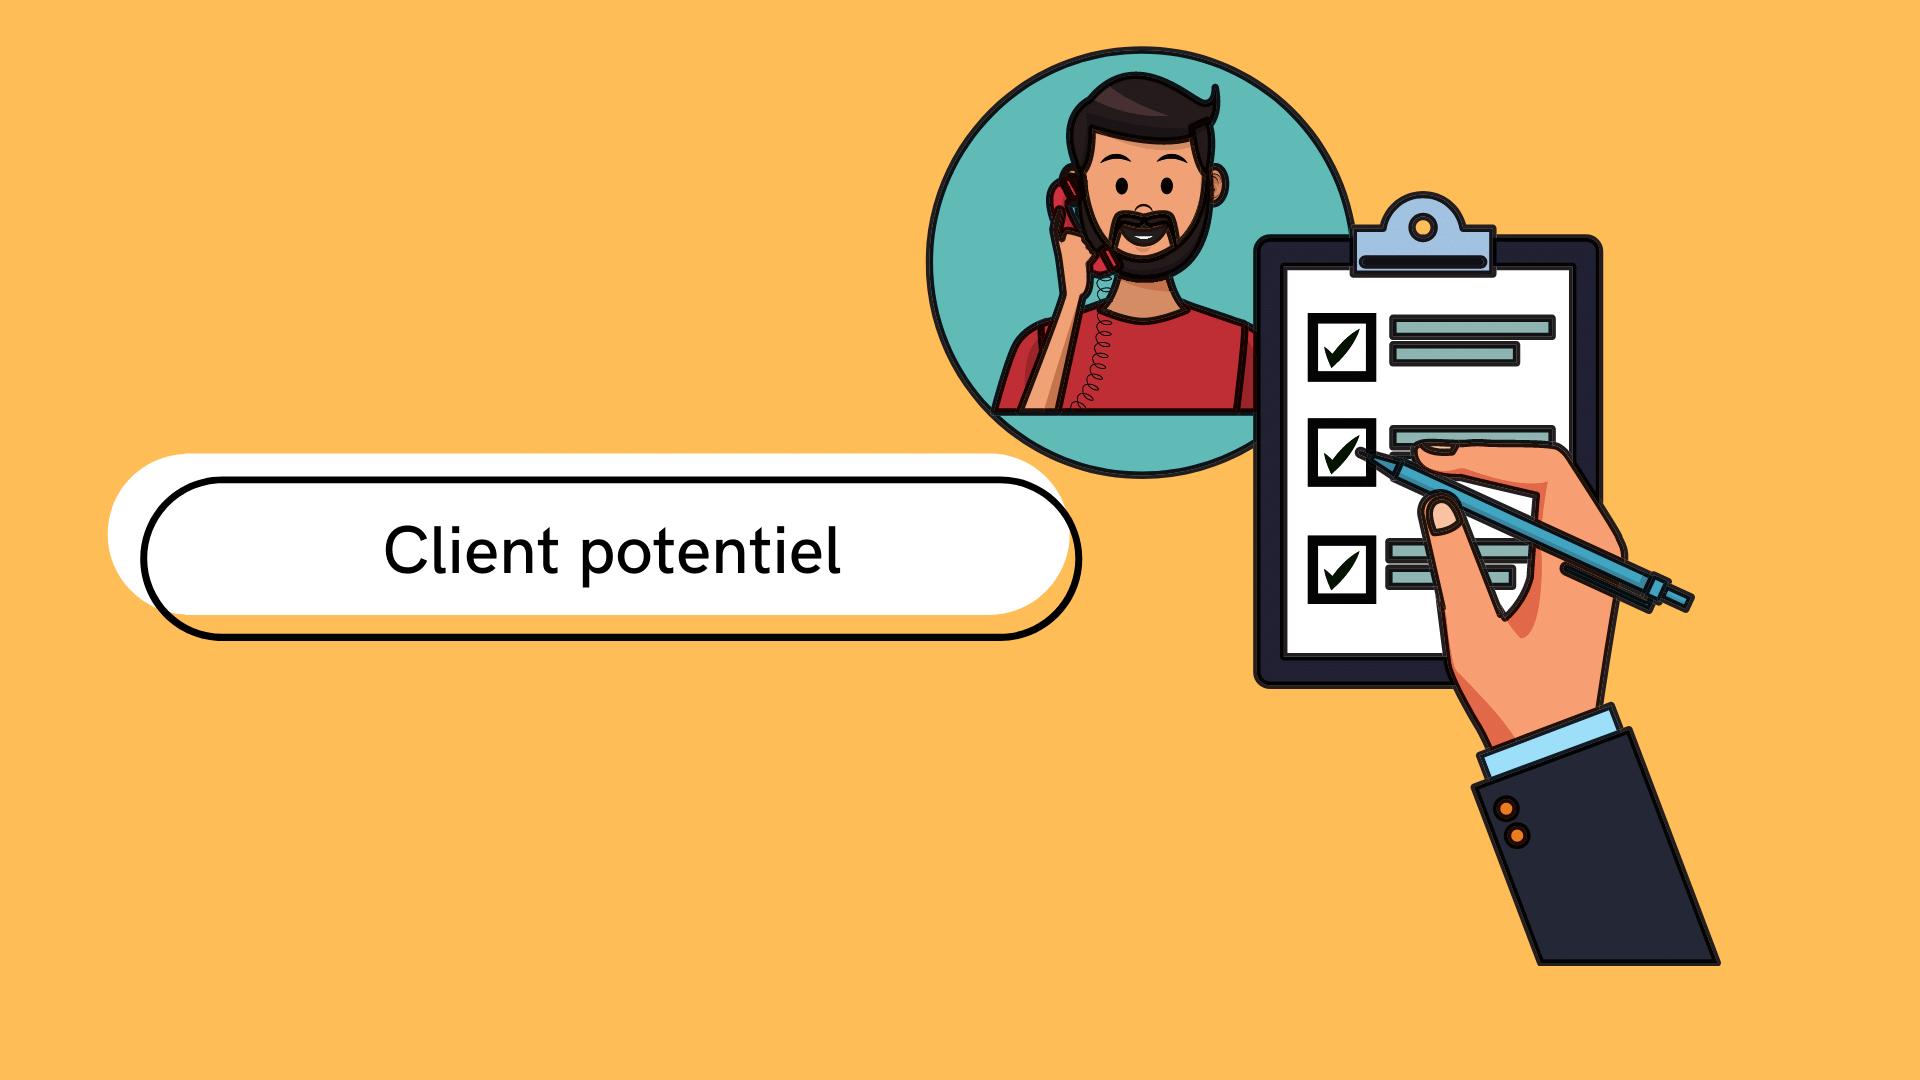 Client potentiel